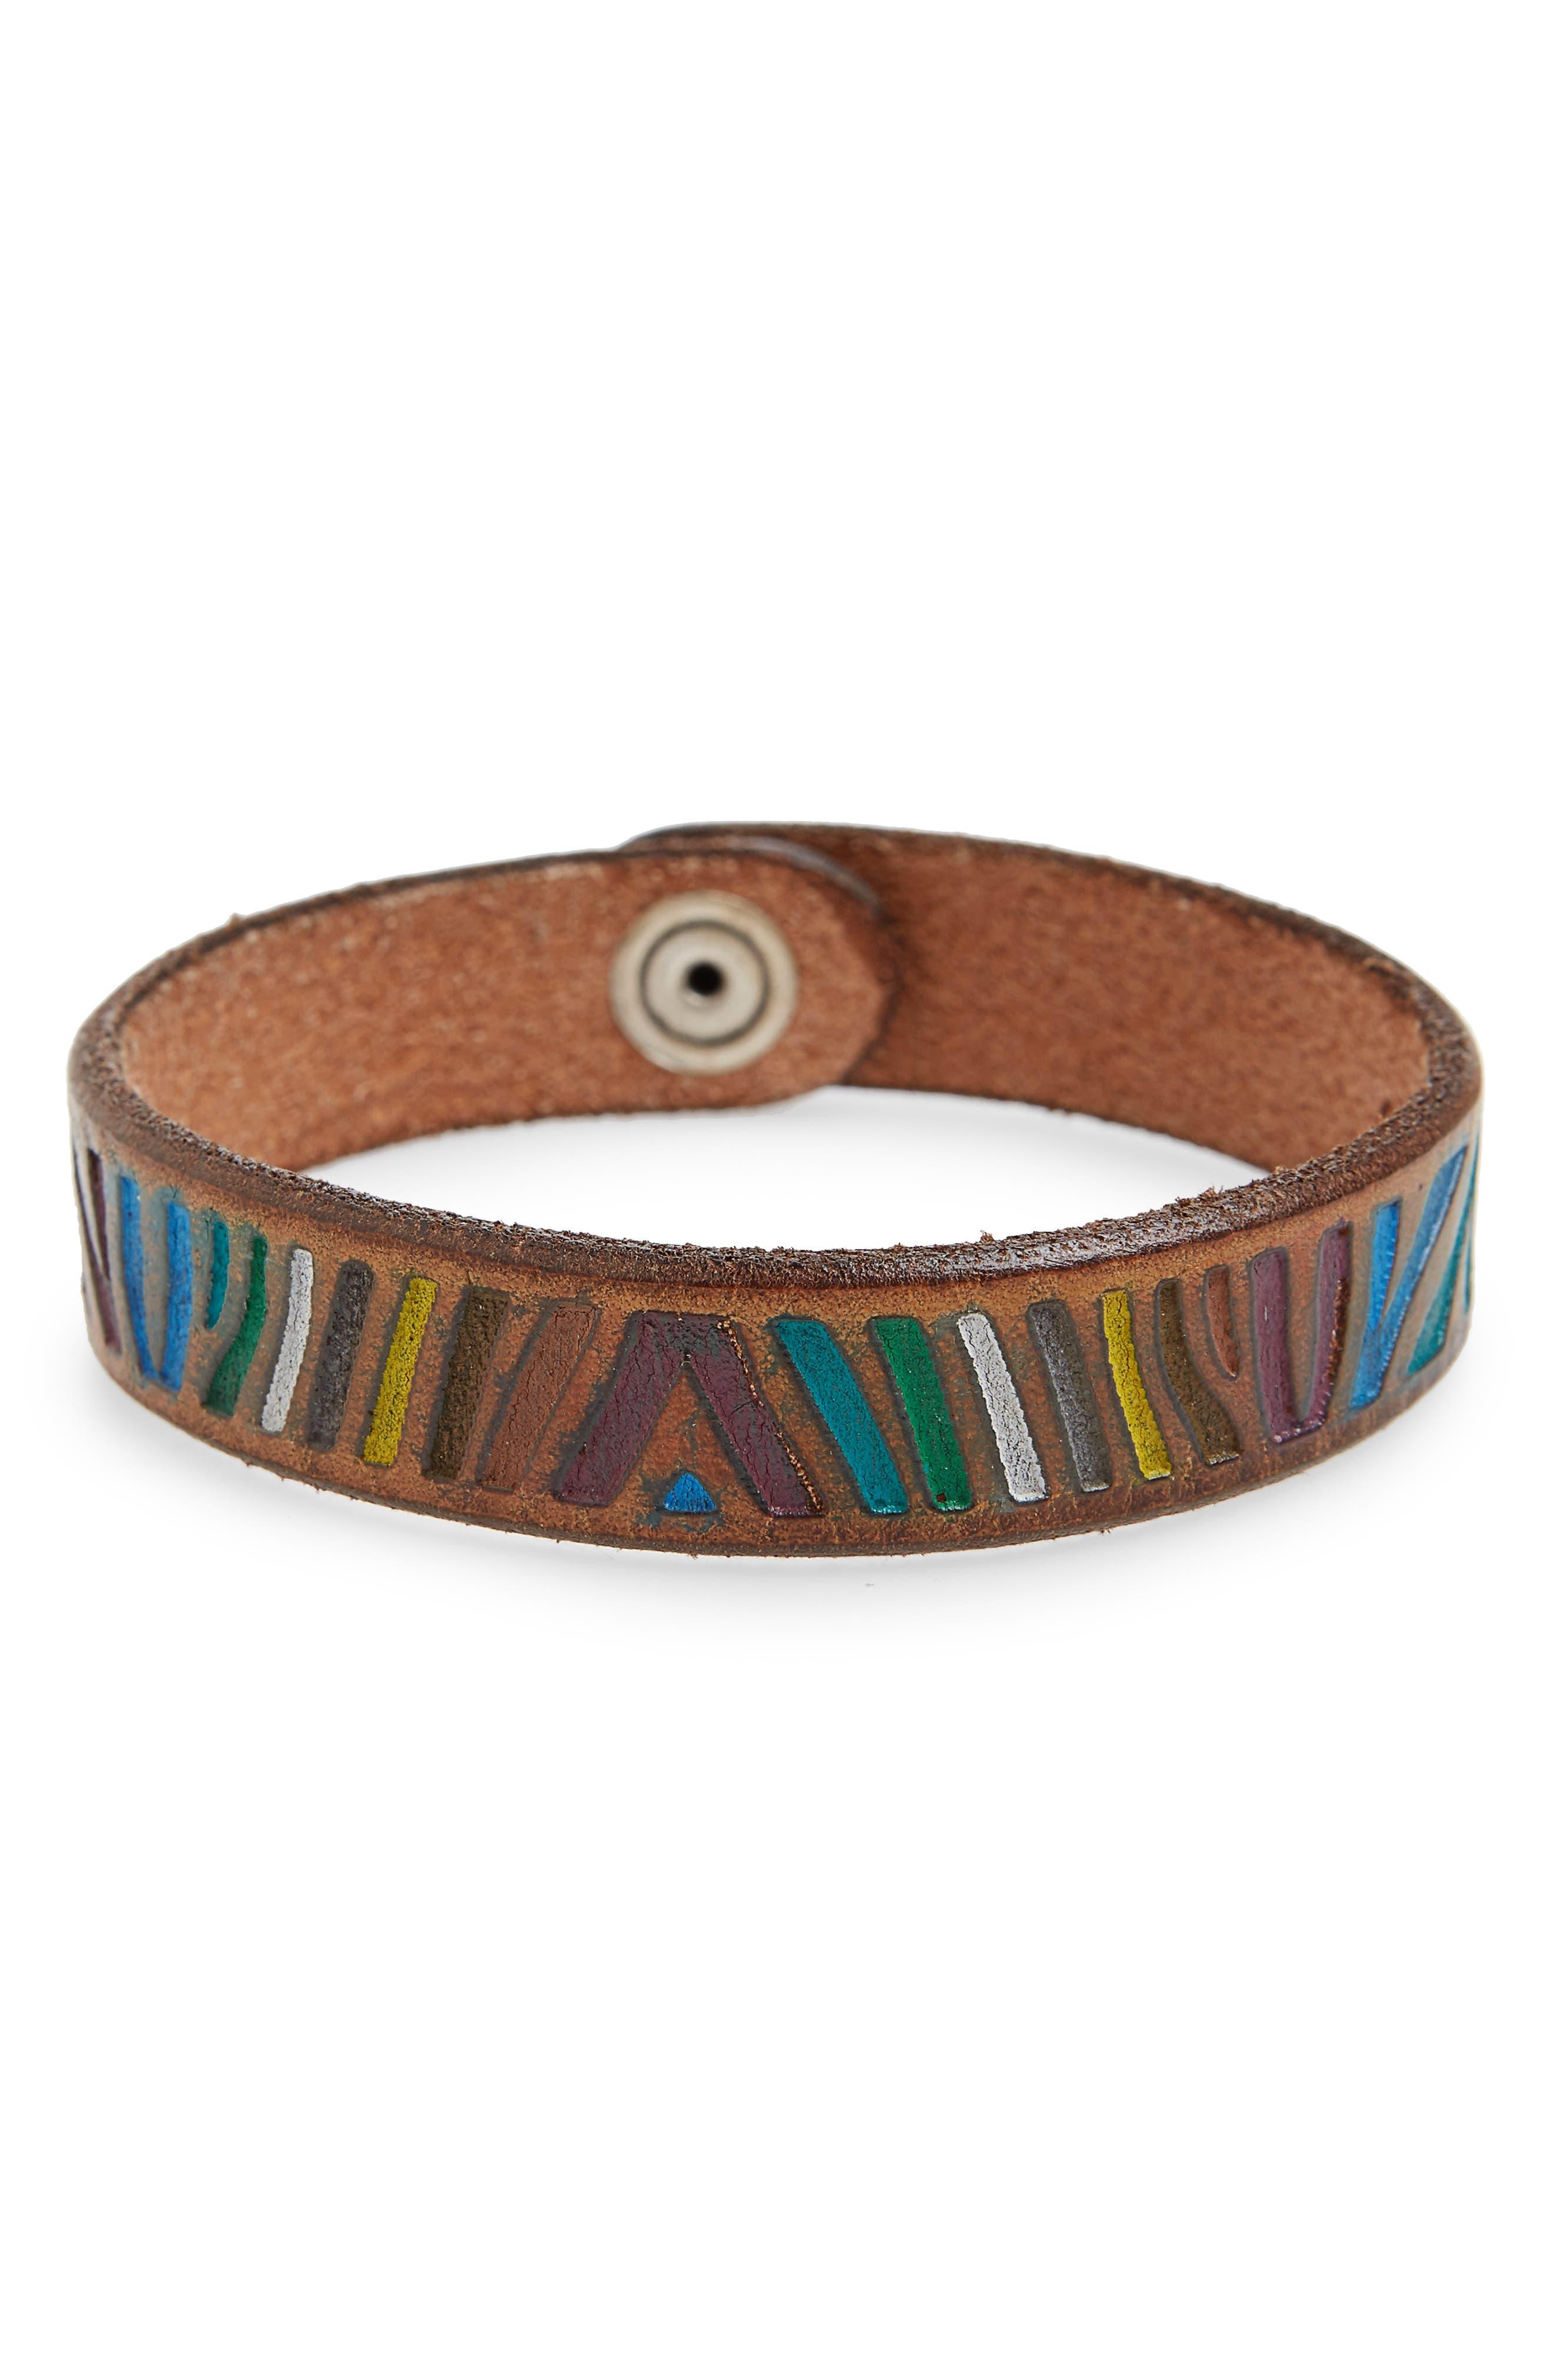 Zebra Leather Bracelet,                         Main,                         color, Unique